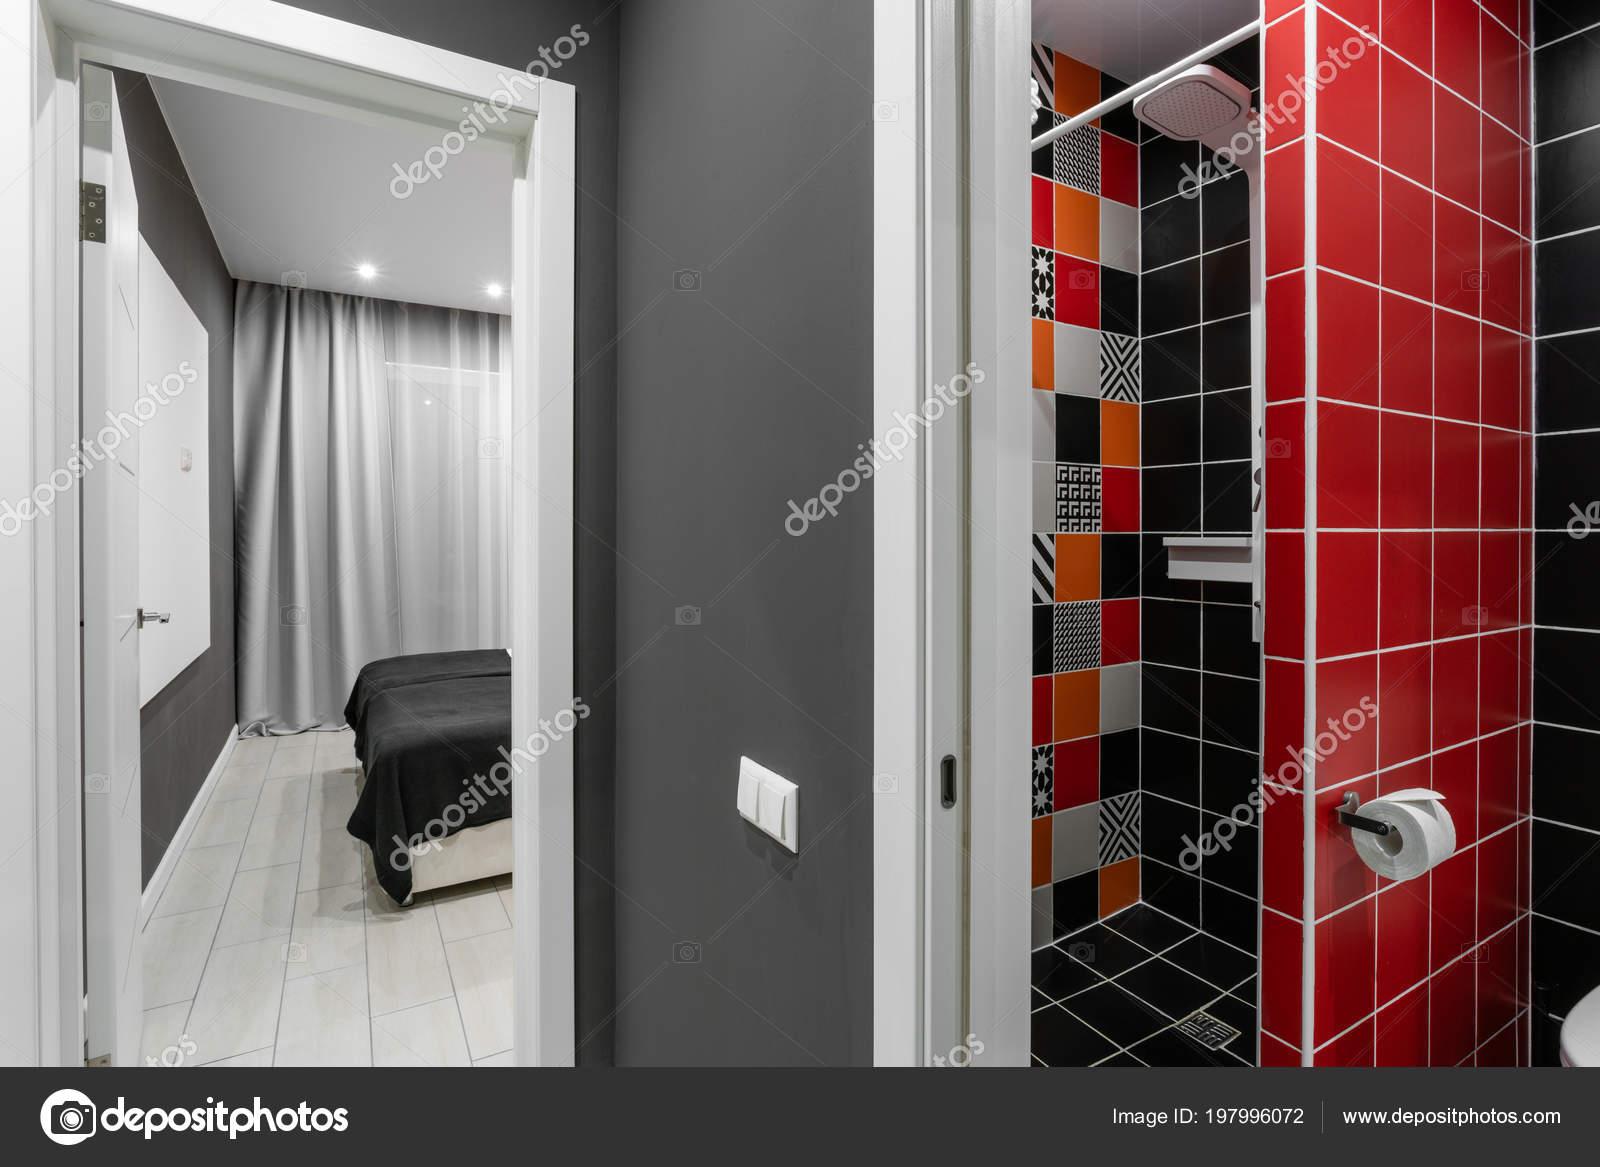 Bagno con doccia wc e lavandino hotel standart camera da letto